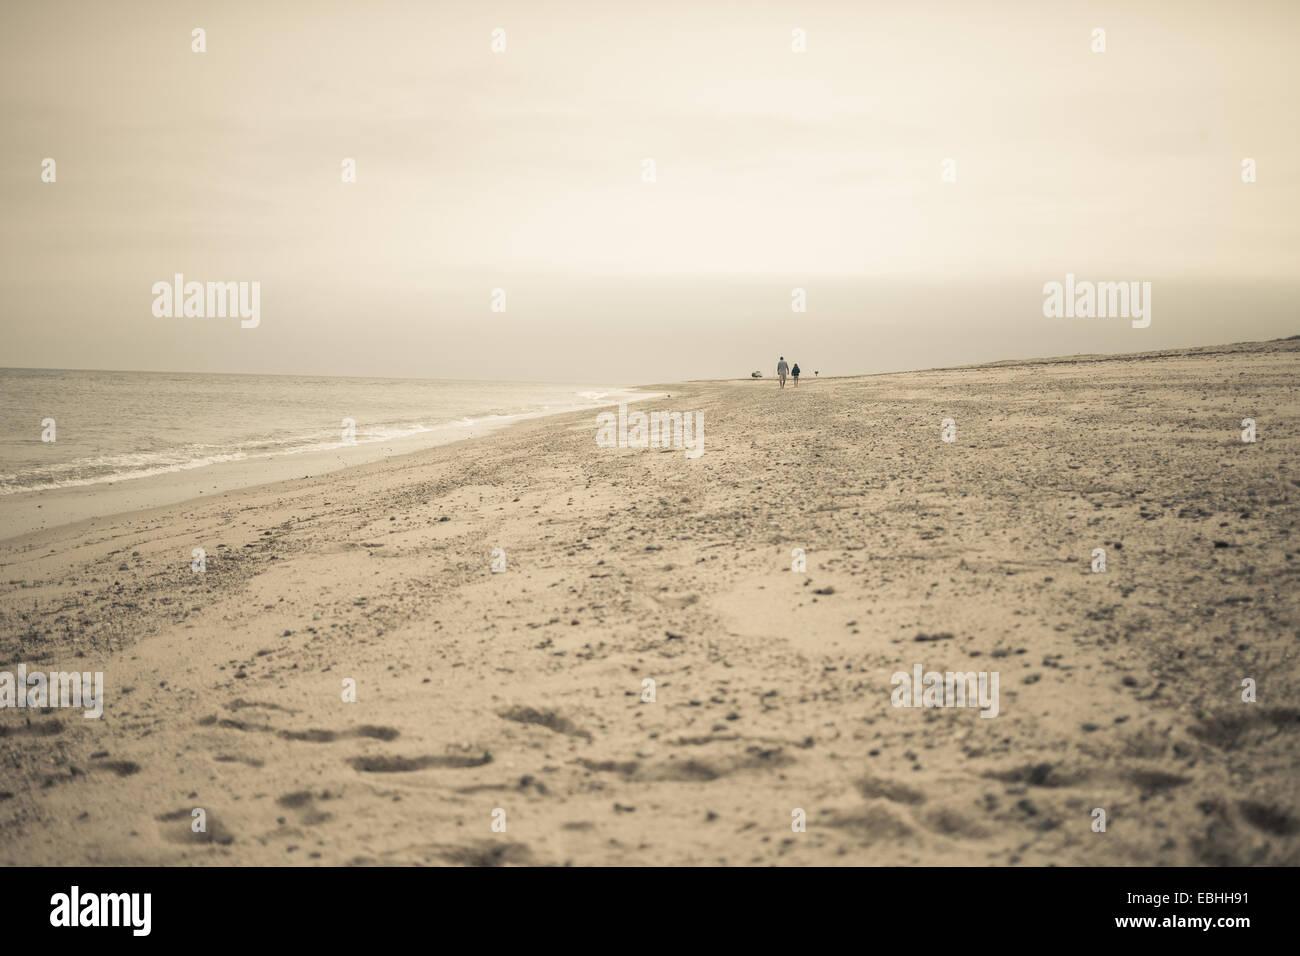 Vista in lontananza due persone per passeggiare sulla spiaggia, Truro, Massachusetts, Cape Cod, STATI UNITI D'AMERICA Immagini Stock